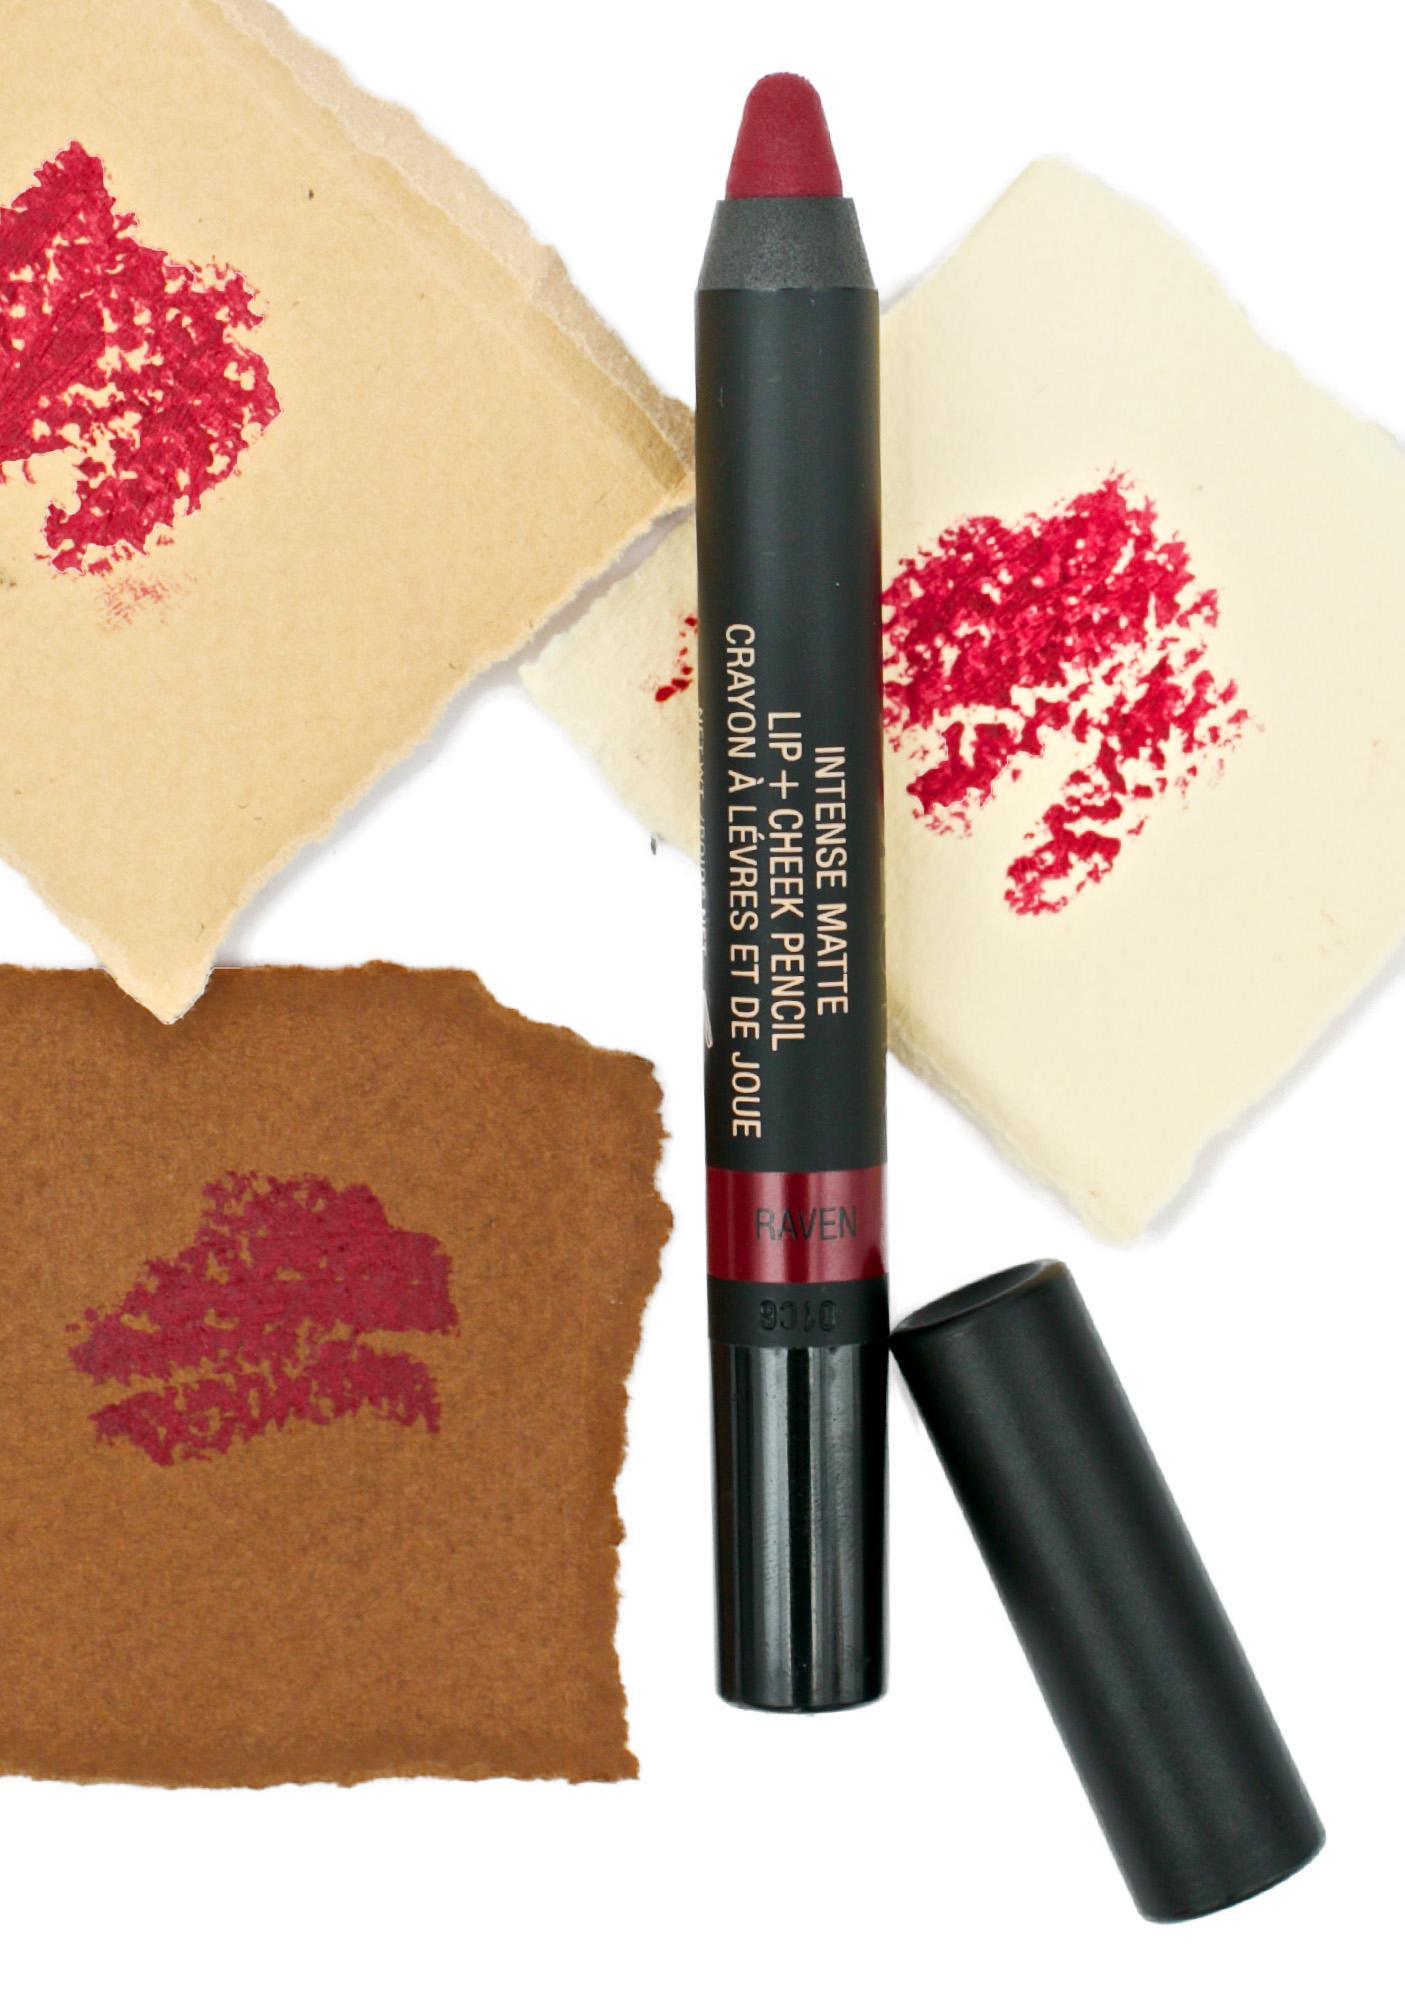 Nudestix Raven Matte Lip + Cheek Pencil